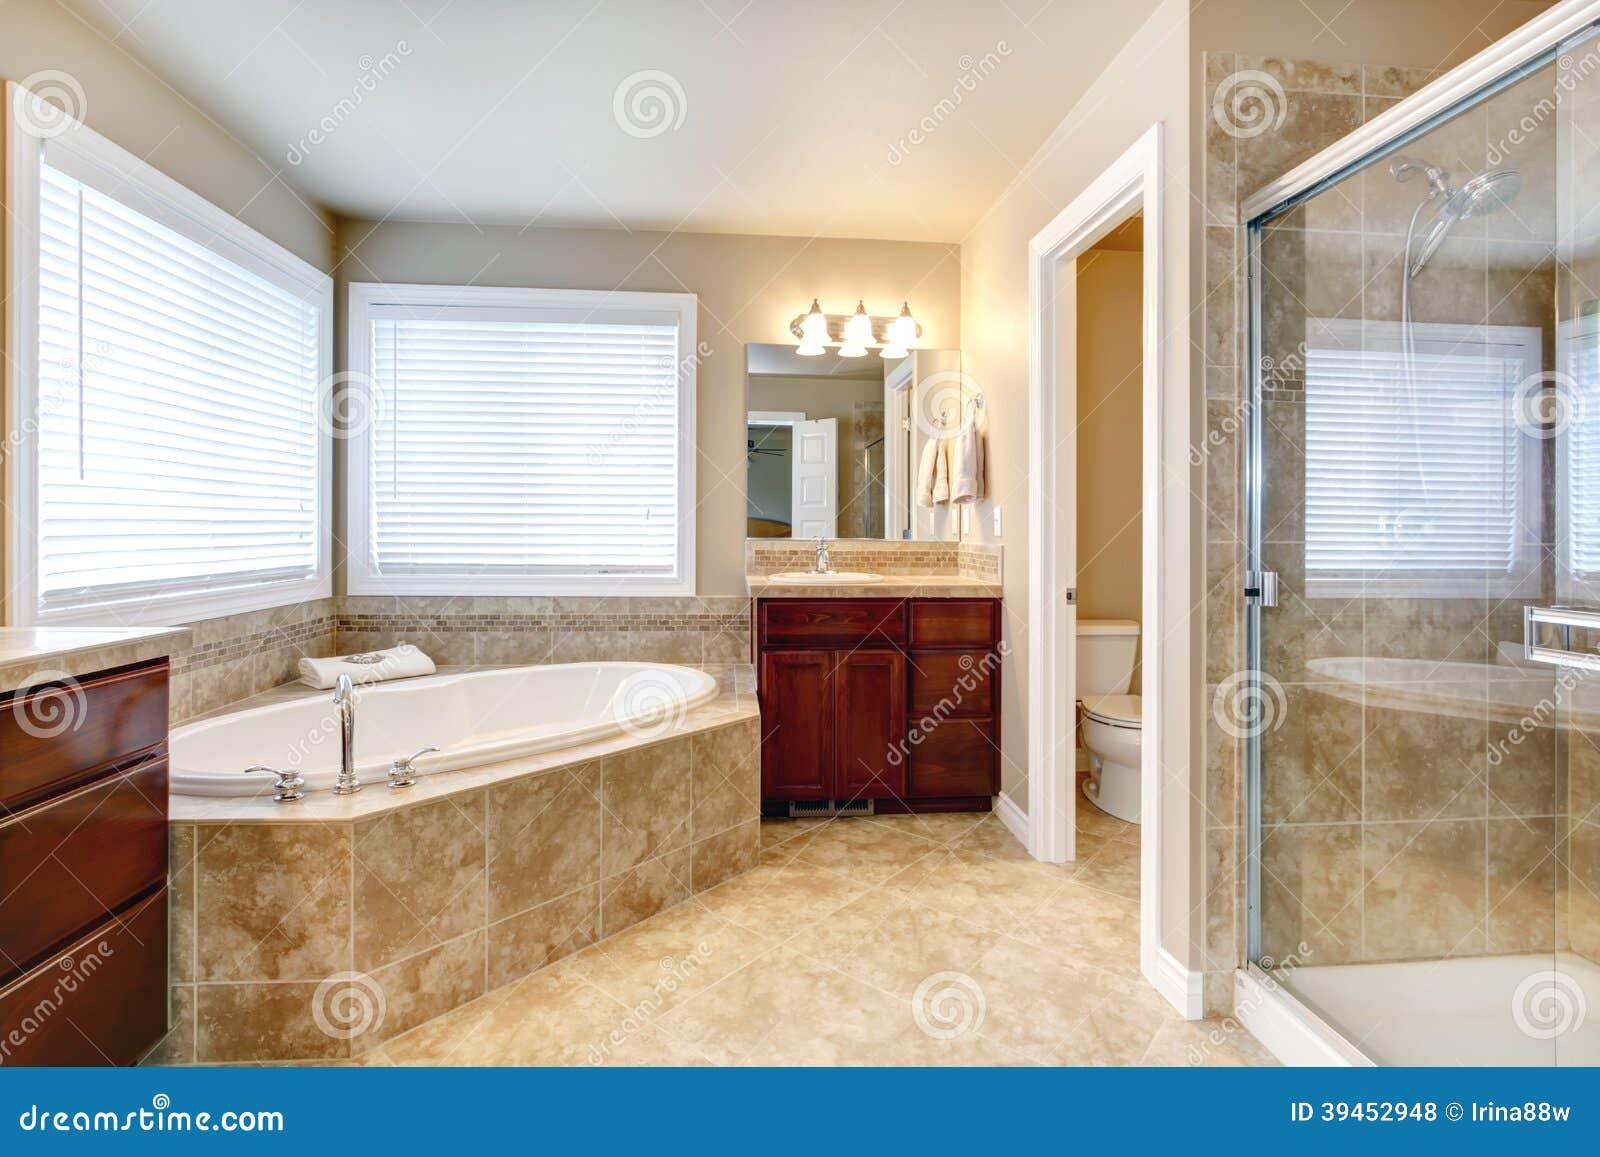 Cuartos De Baño Con Ducha Fotos:Cuarto de baño beige con las ventanas, los gabinetes de madera de la